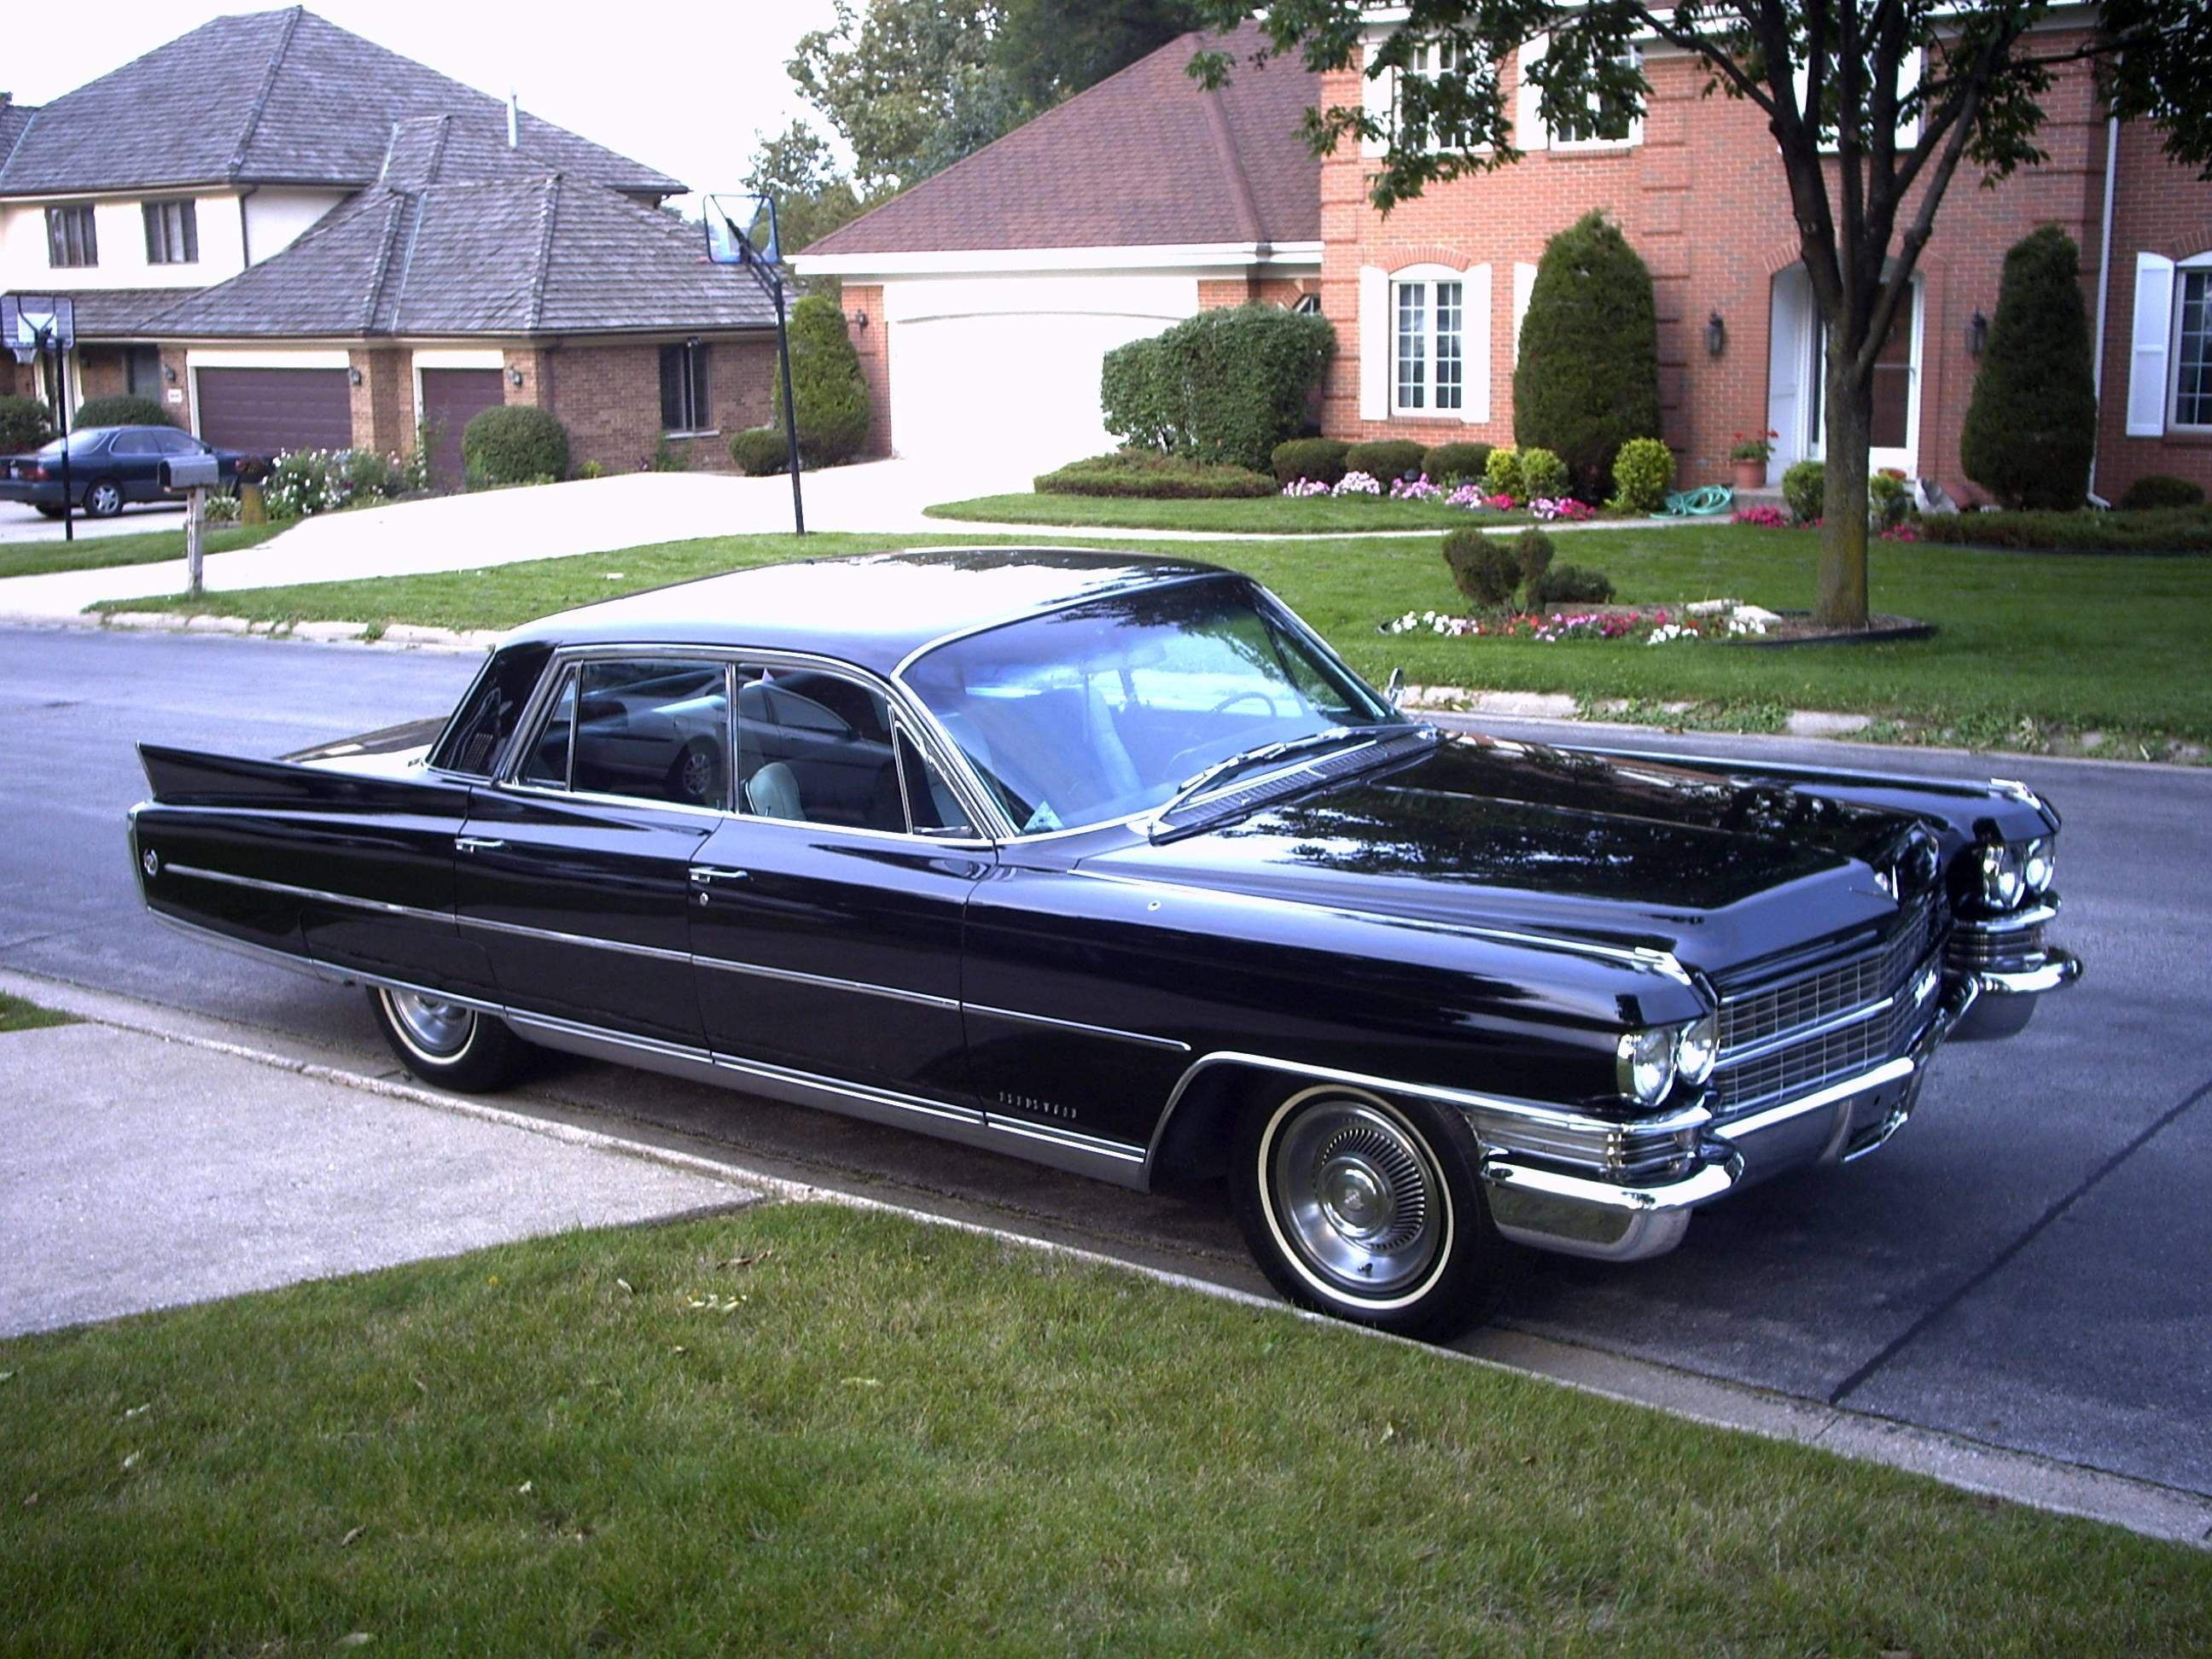 Pin on Cadillac: 1963 & 1964